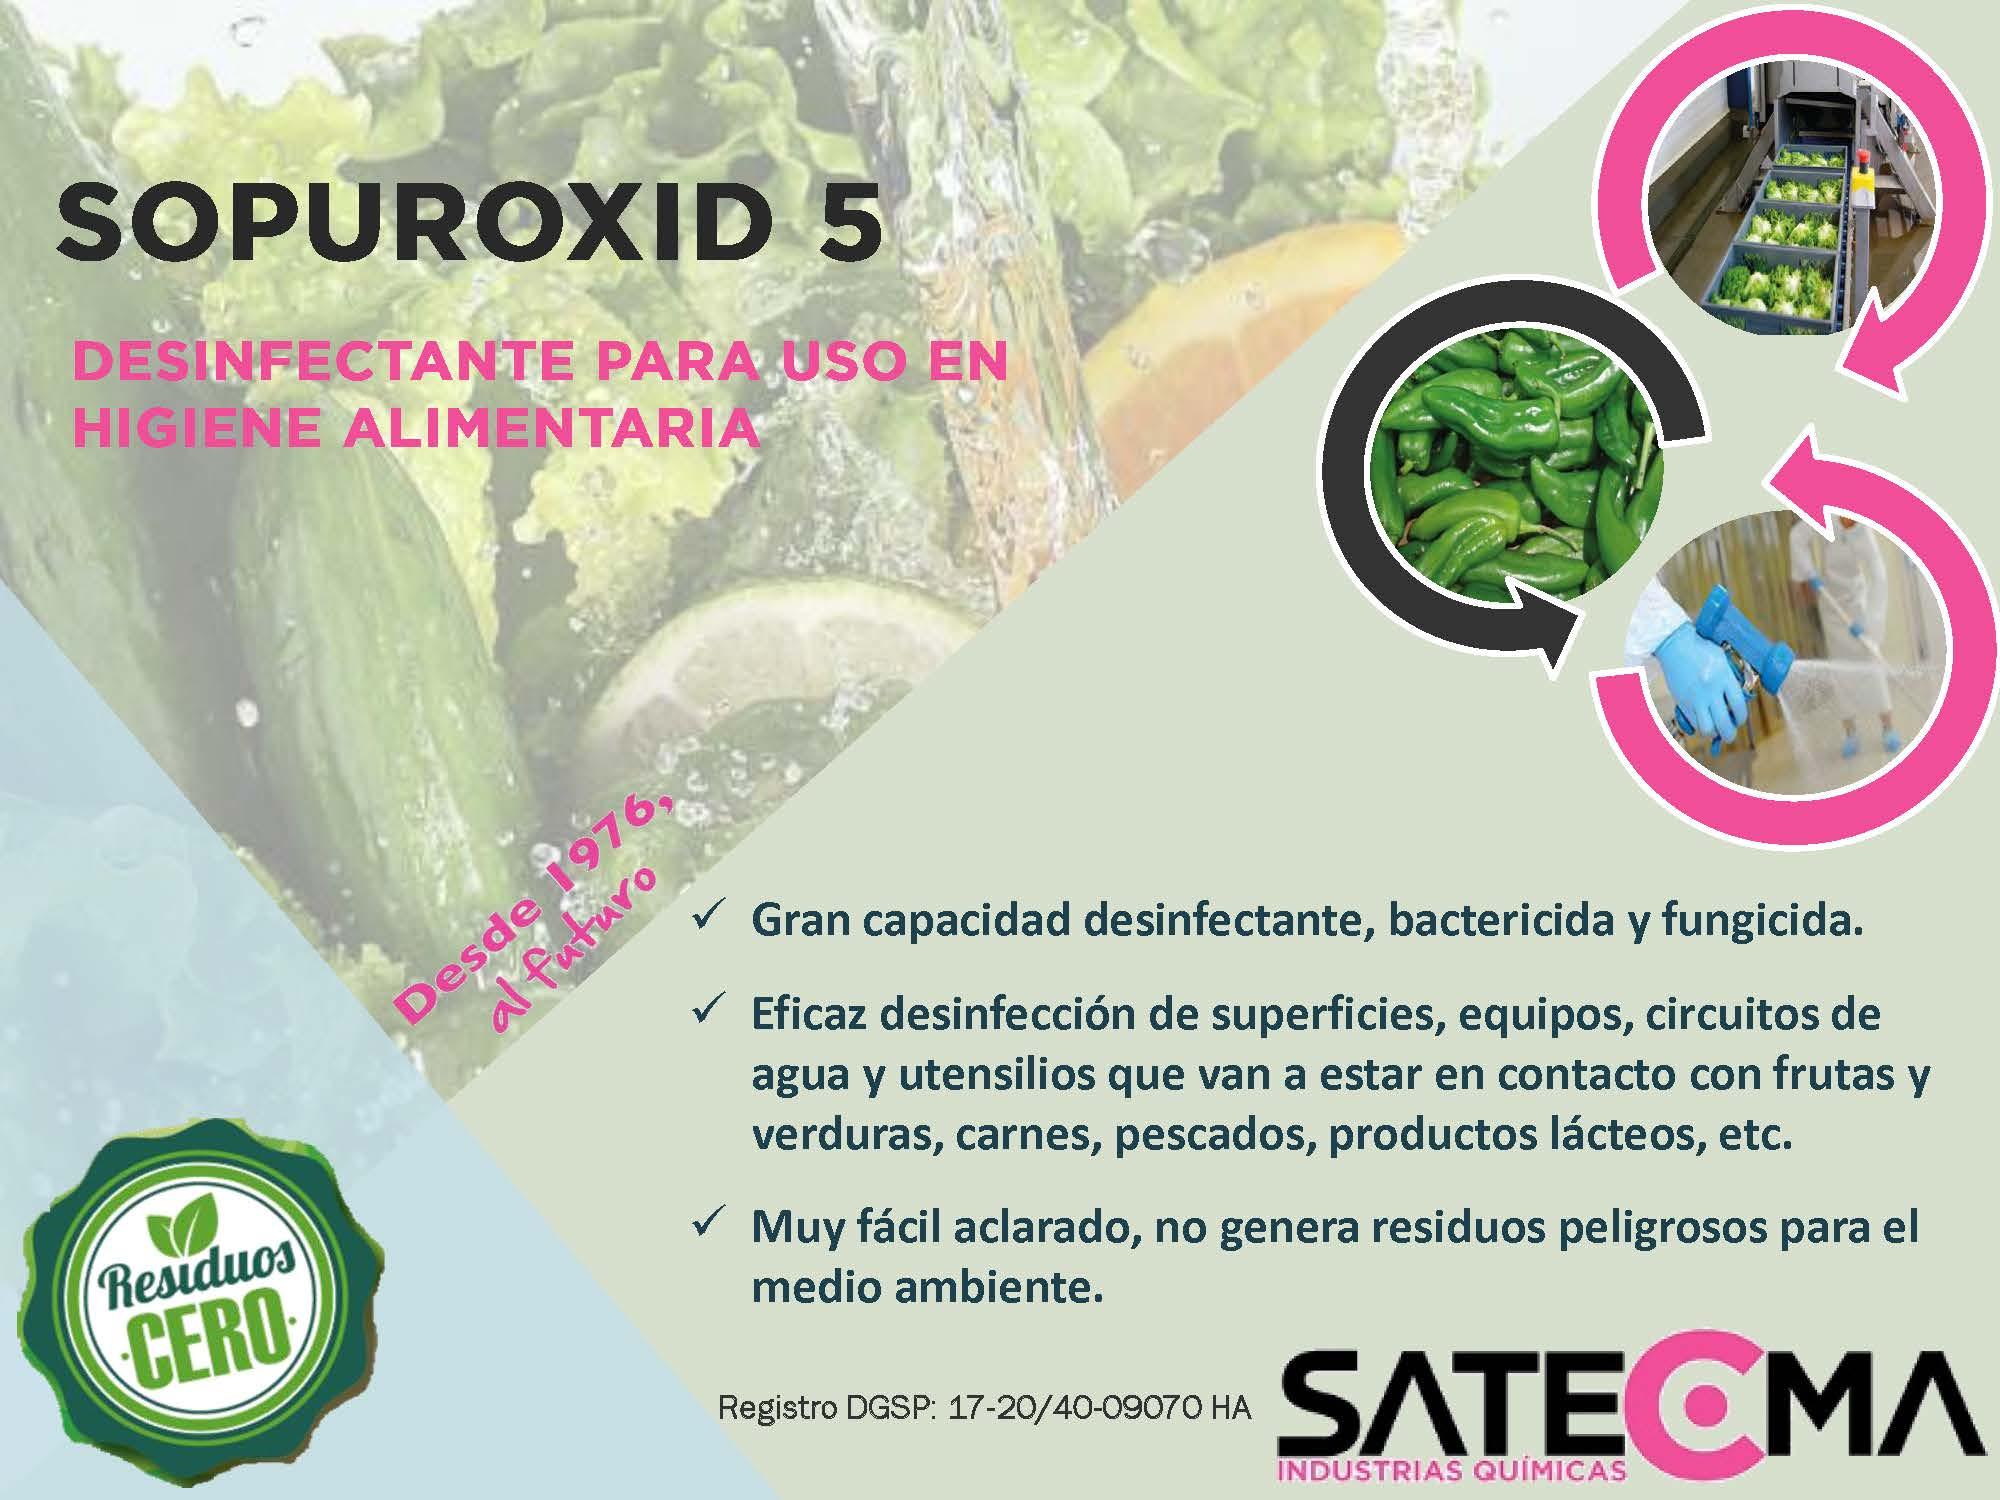 etiqueta sopuroxid 5